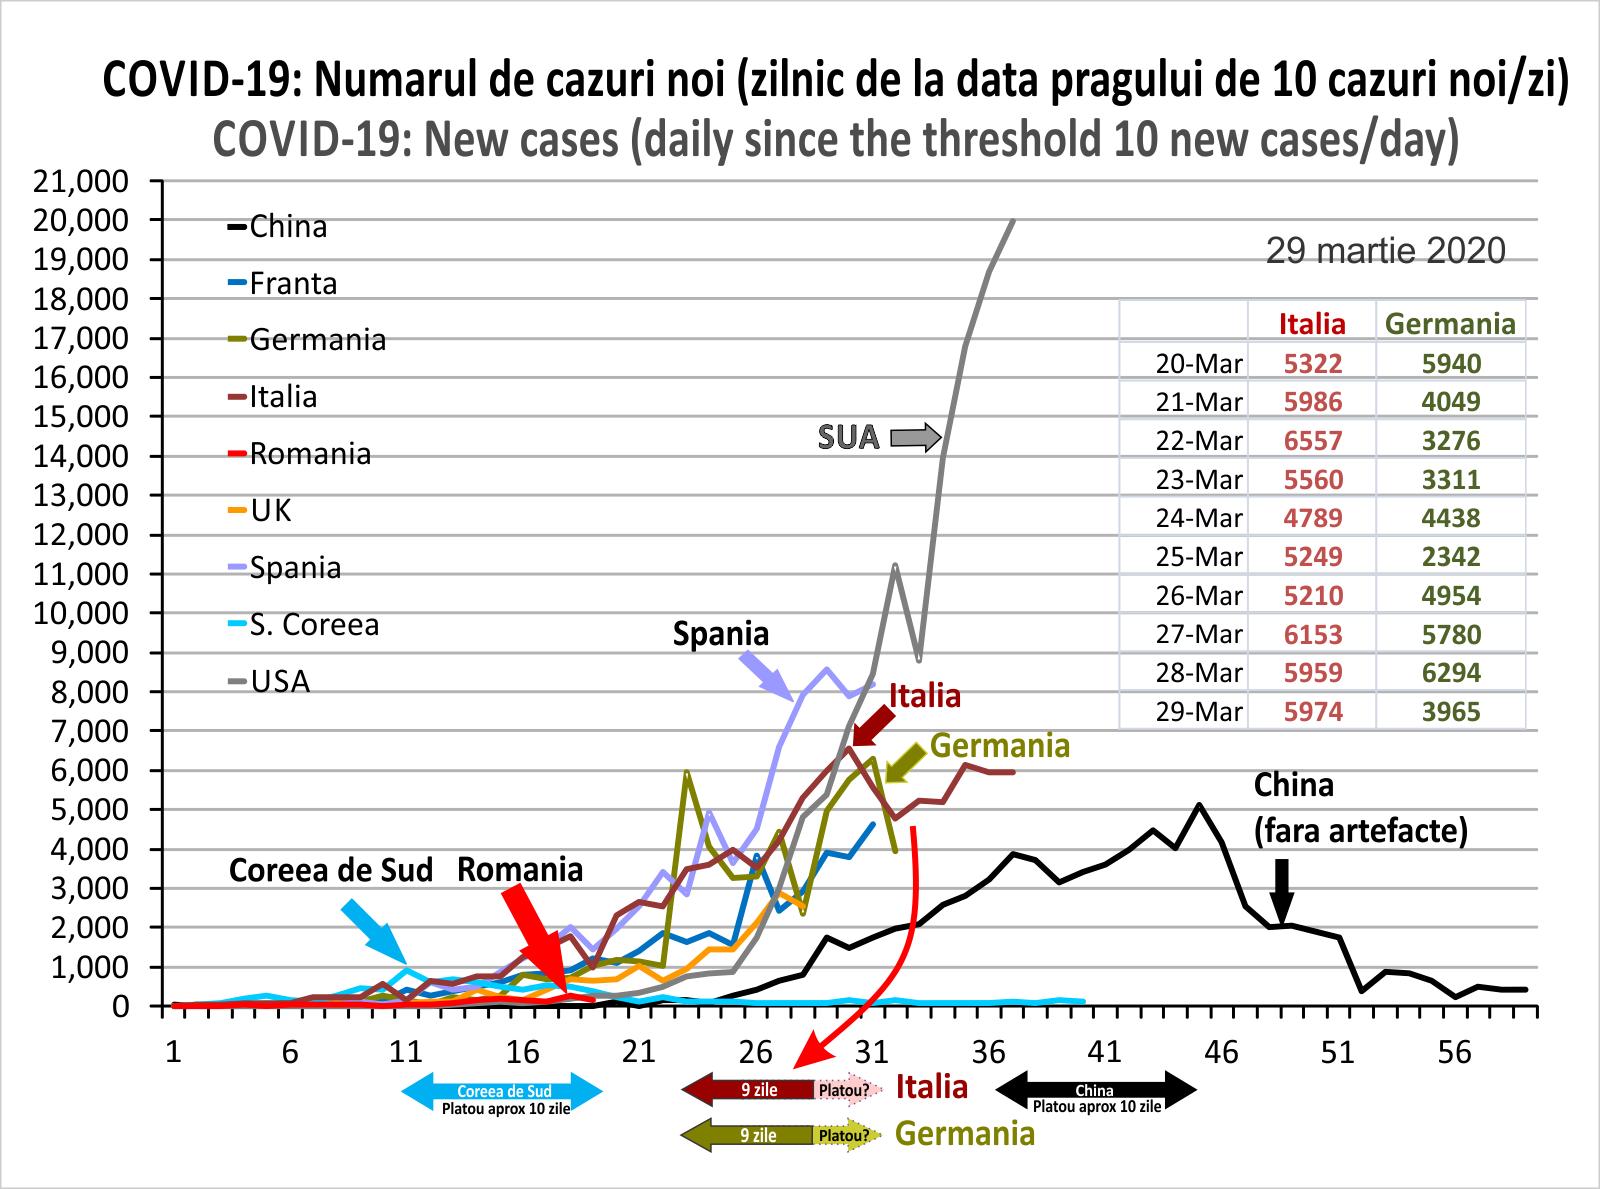 Evolutia COVID-19 in lume la 10 cazuri